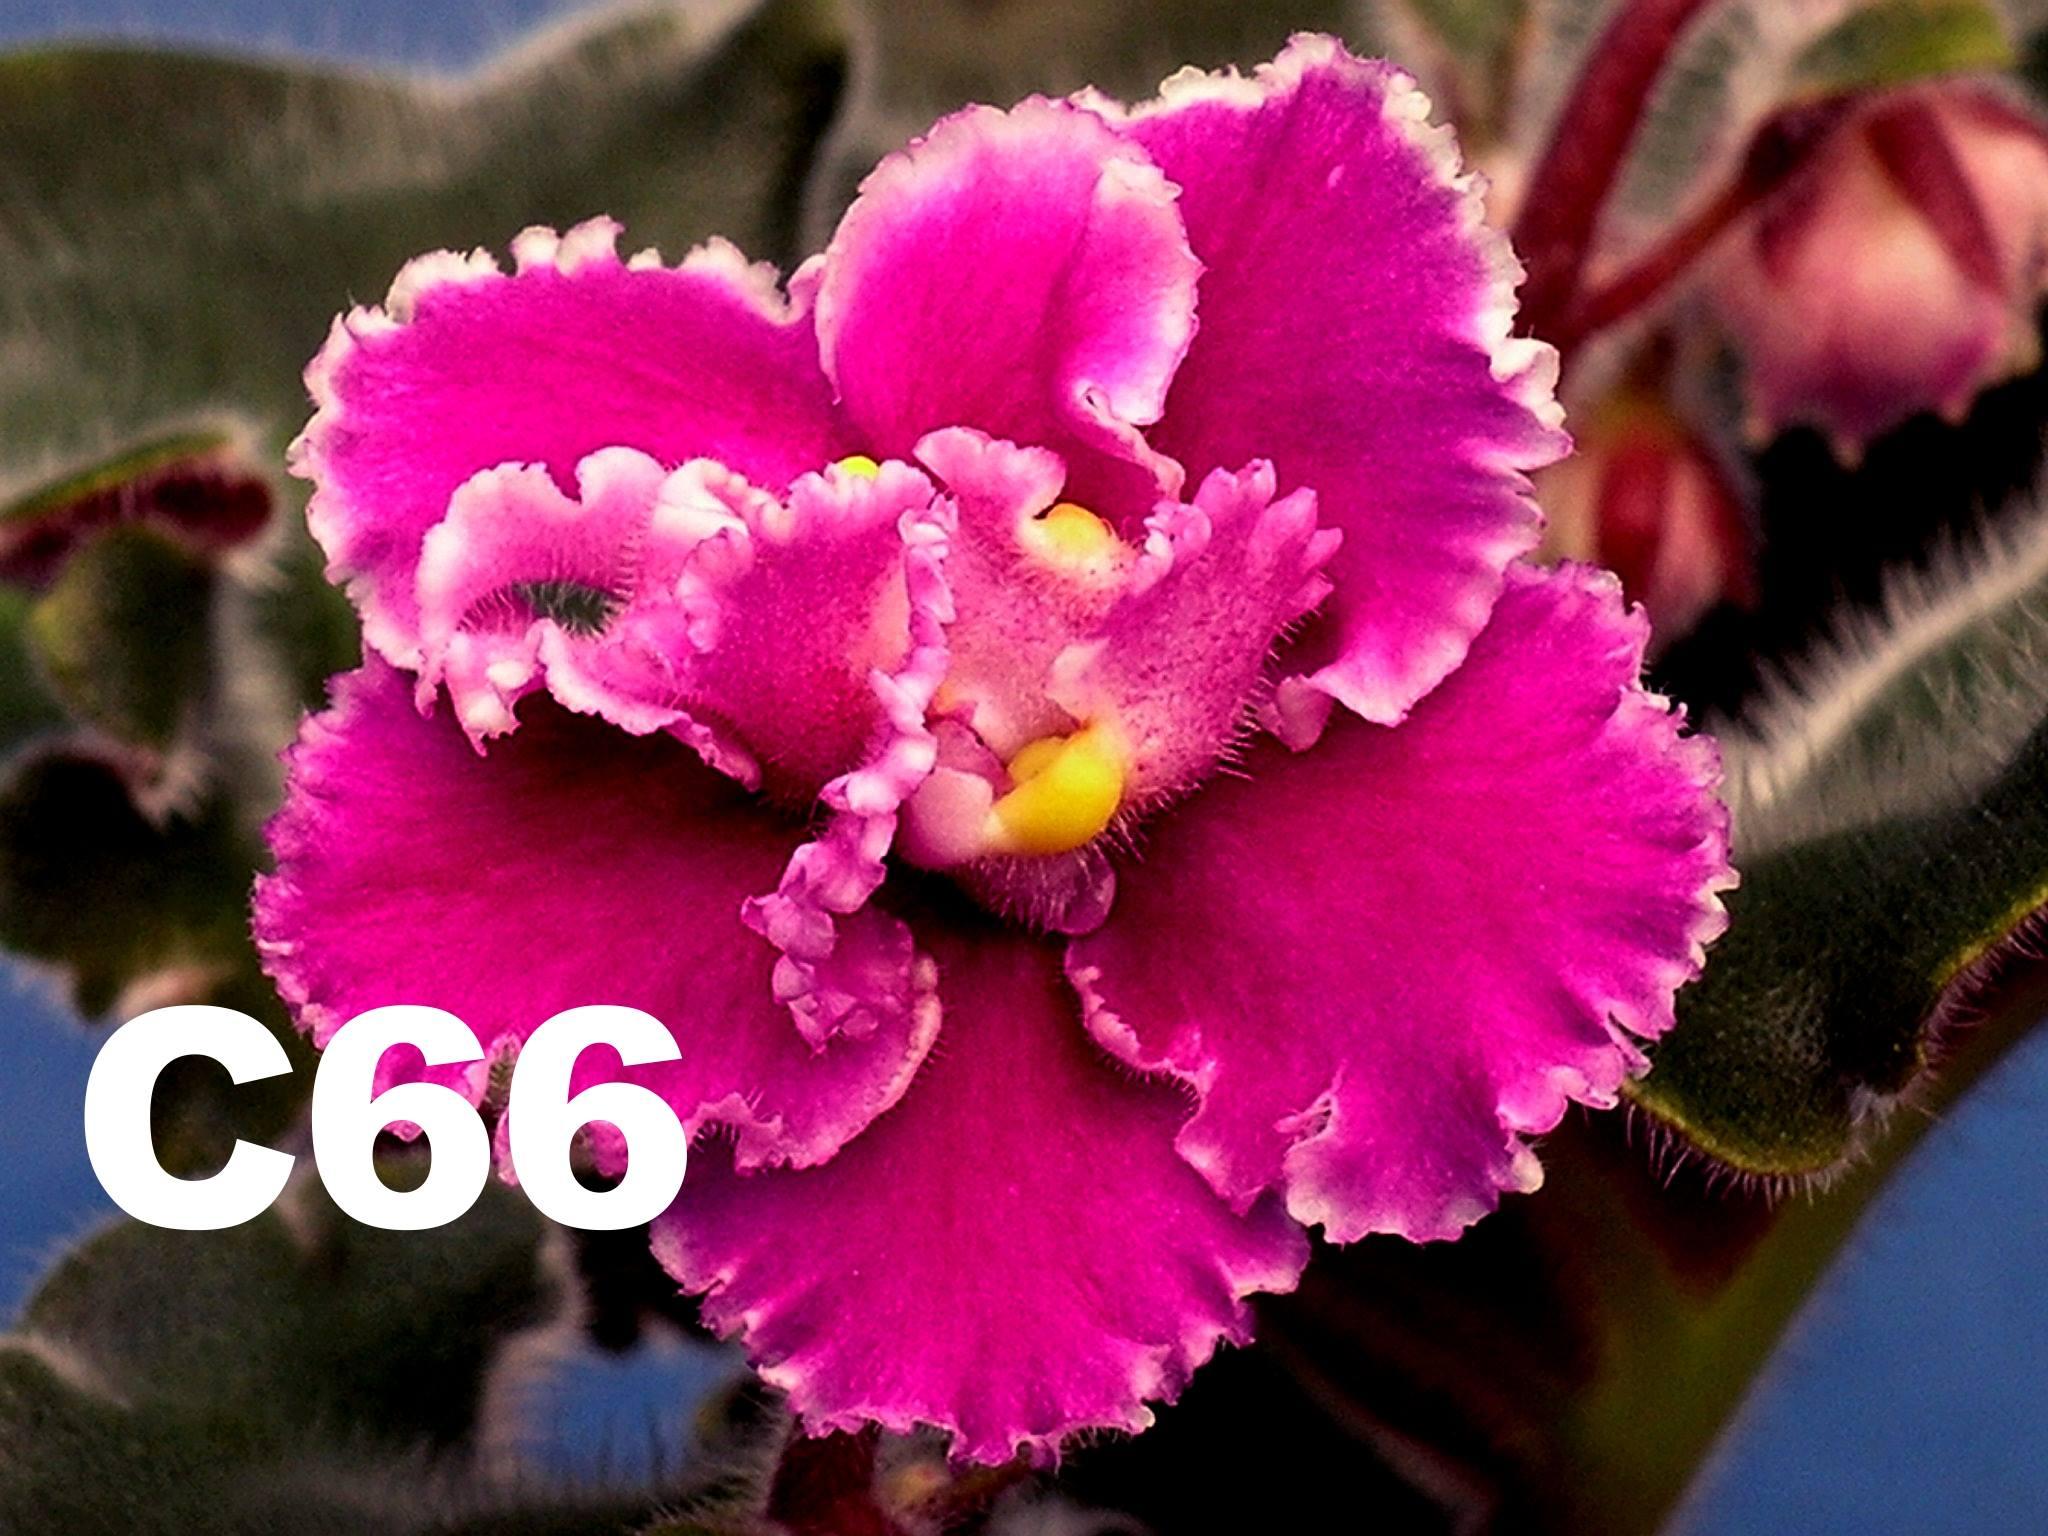 [C66] C66